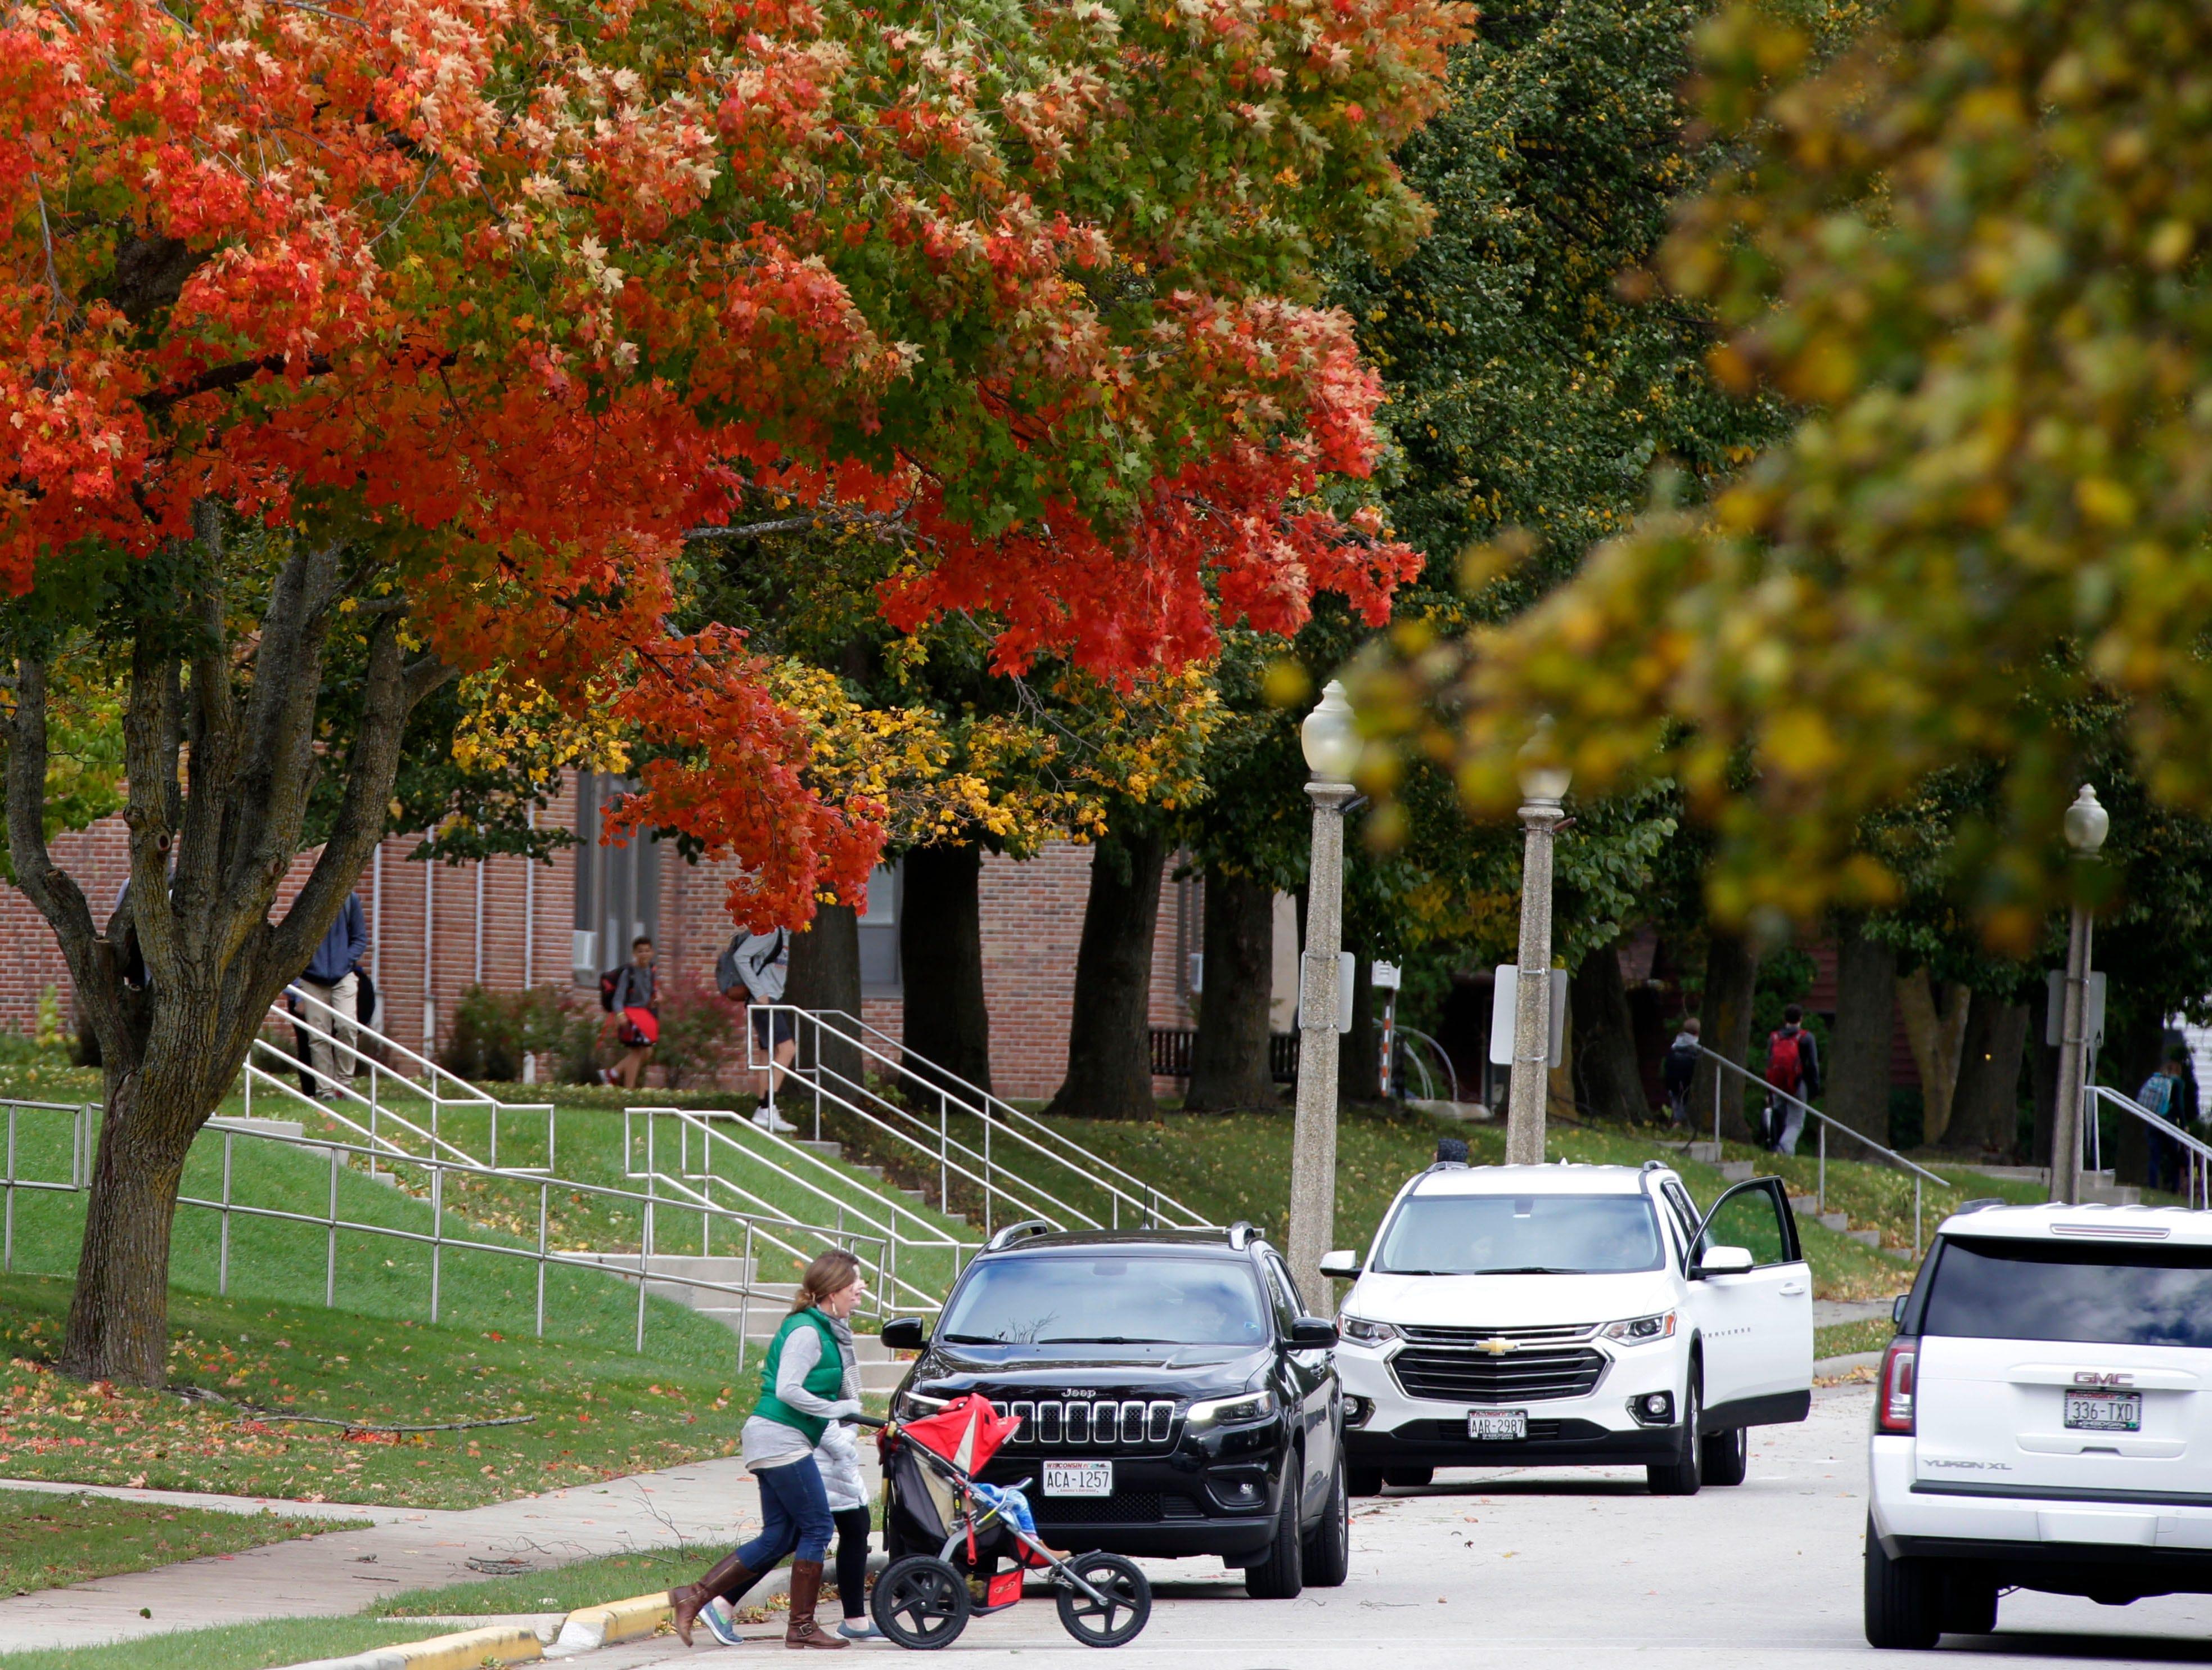 A woman crosses School Street near Kohler Schools, Thursday, October 11, 2018, in Kohler, Wis.